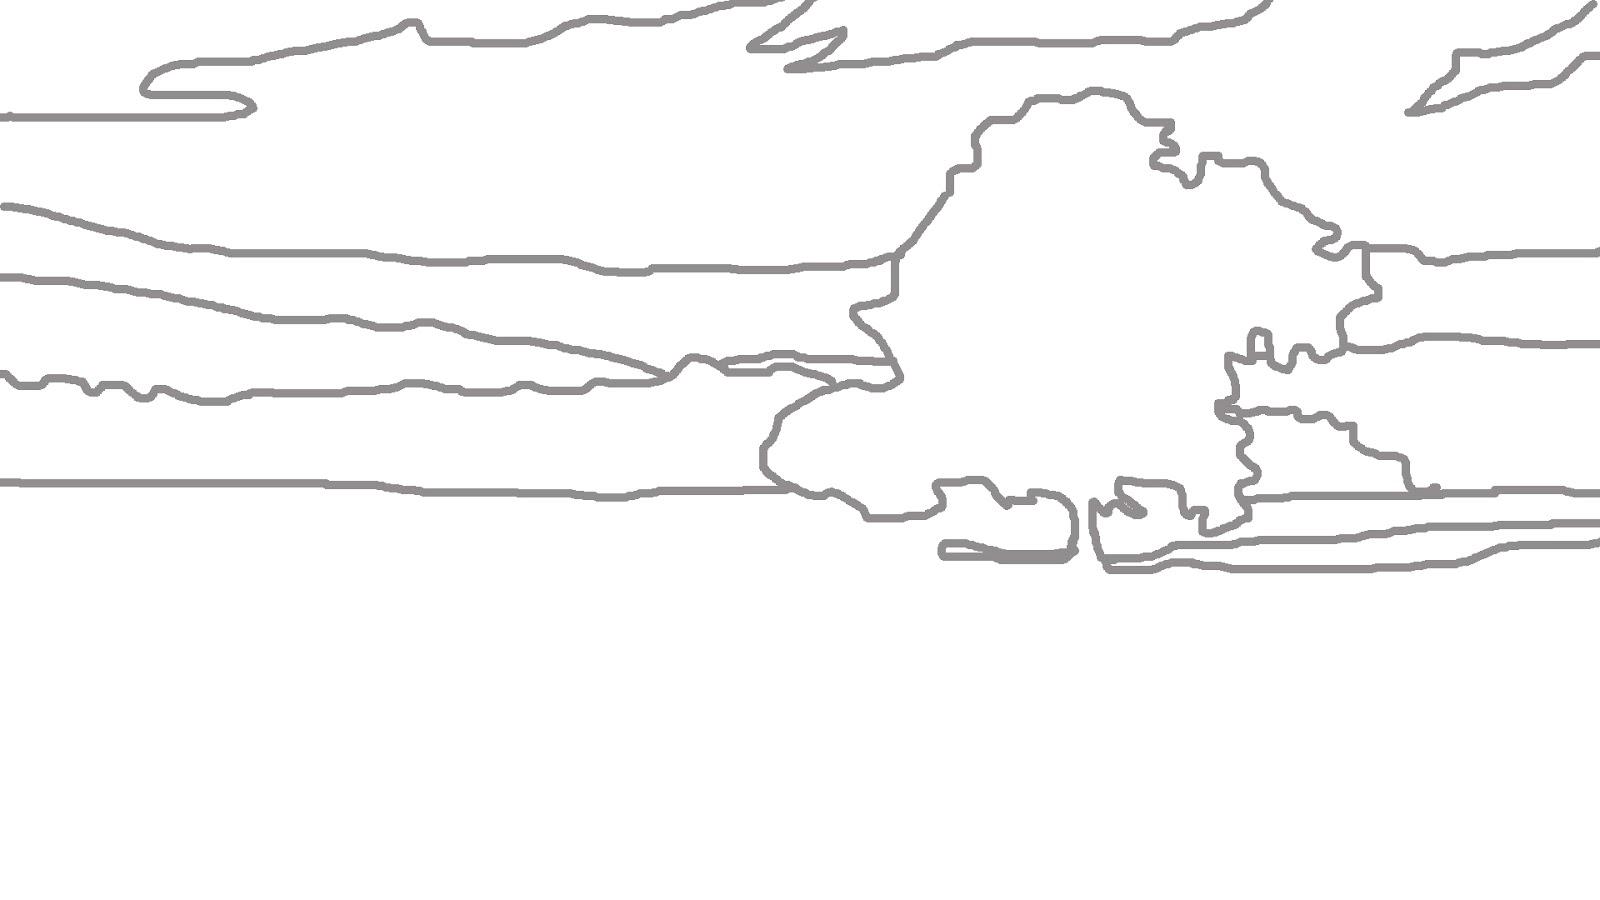 Line Drawing Landscape Artists : Mrsh sartroom september